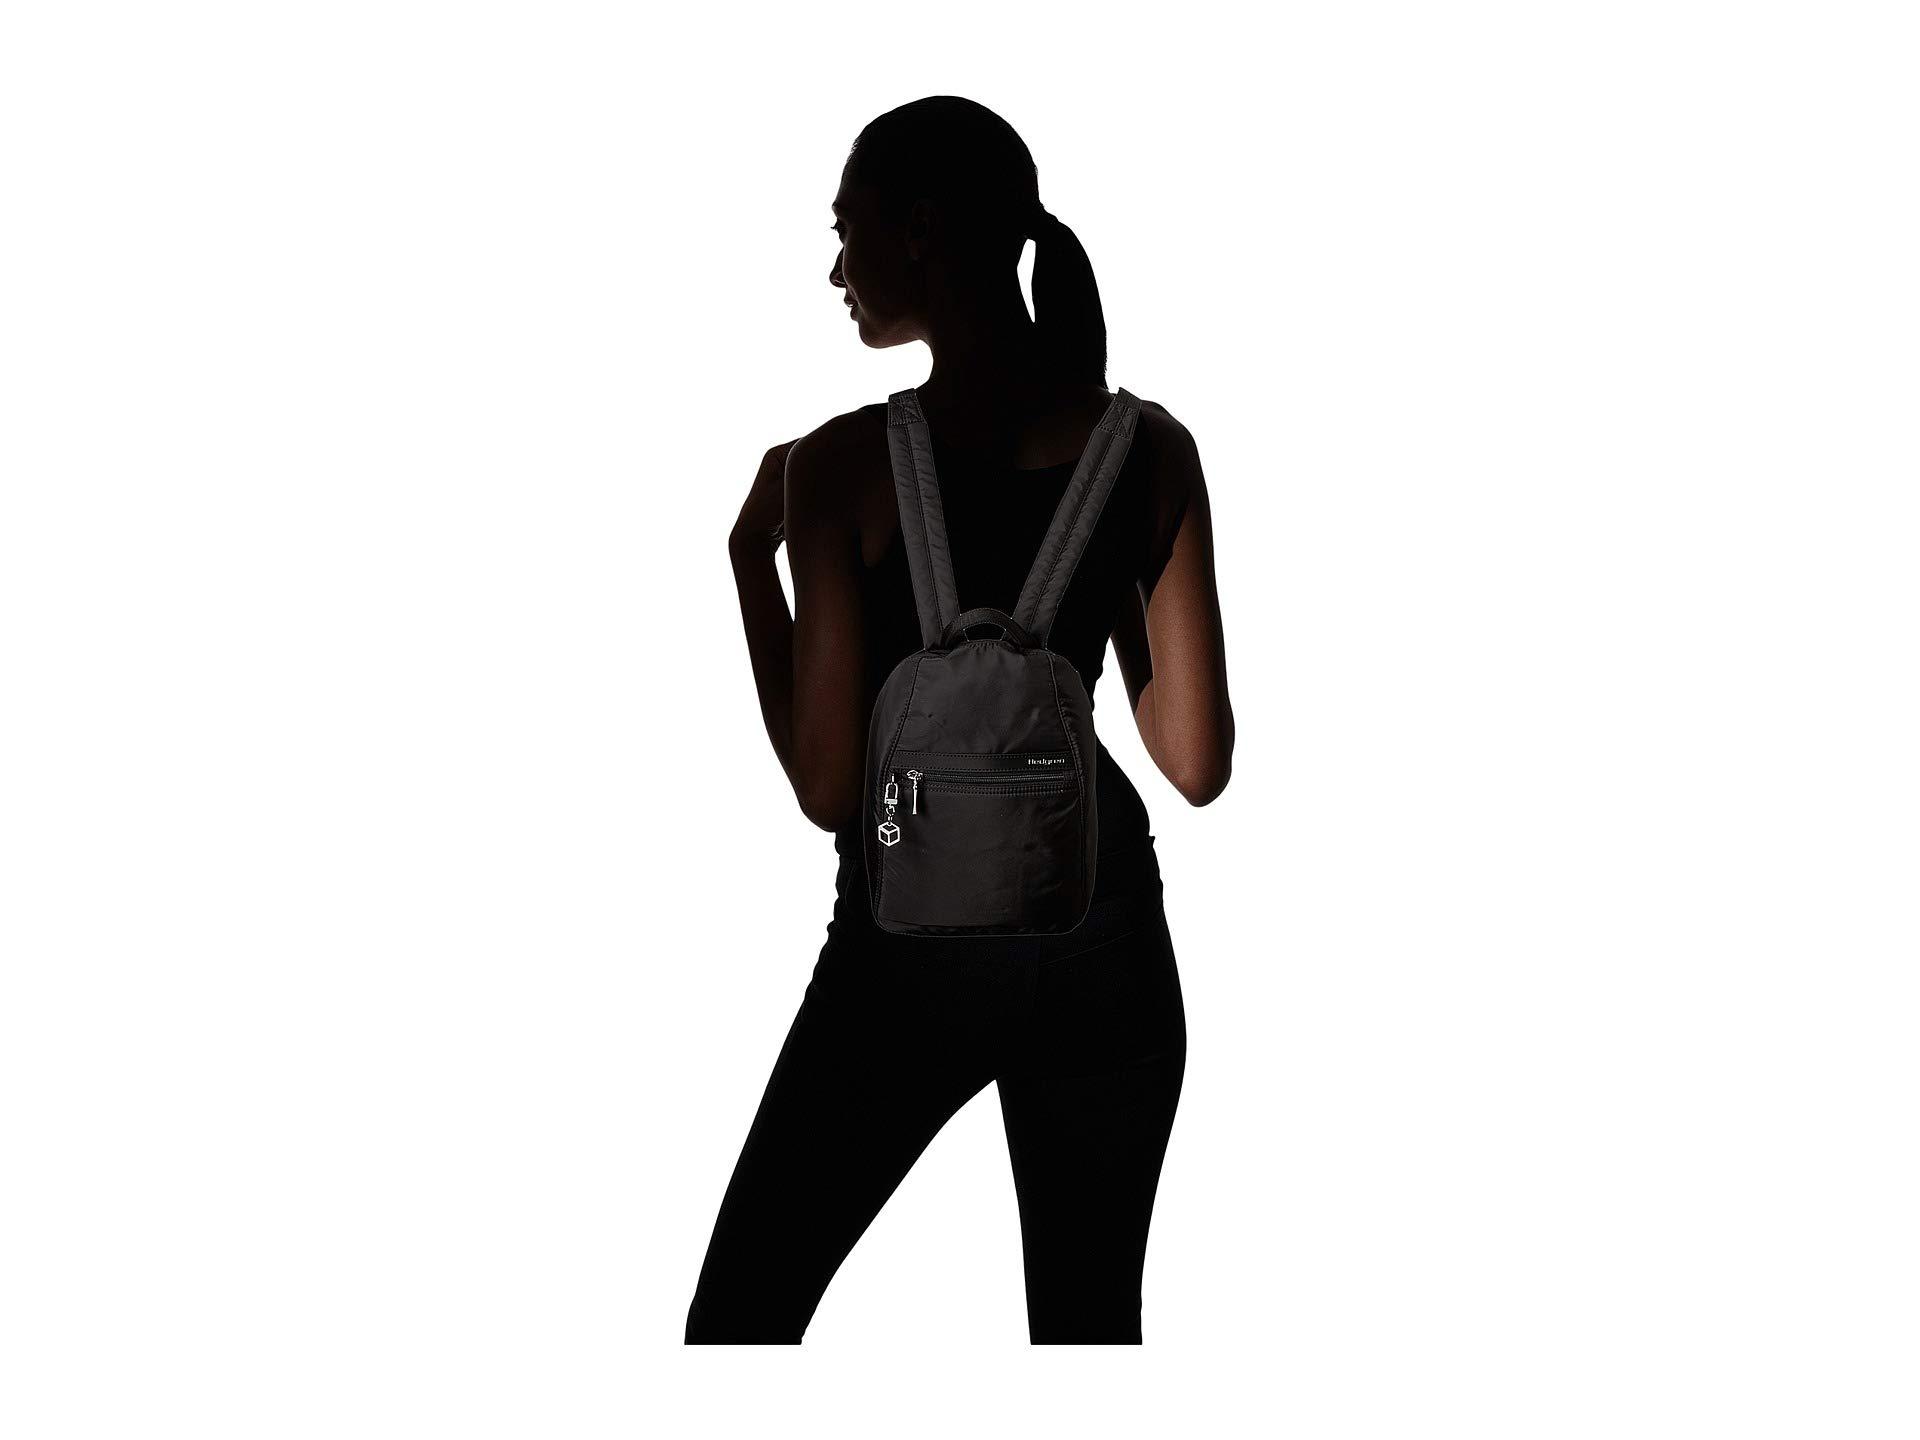 Black Hedgren Rfid Backpack Vogue Hedgren Black Backpack Hedgren Backpack Hedgren Rfid Vogue Backpack Rfid Black Vogue Rfid Vogue Z0q5RnHAx